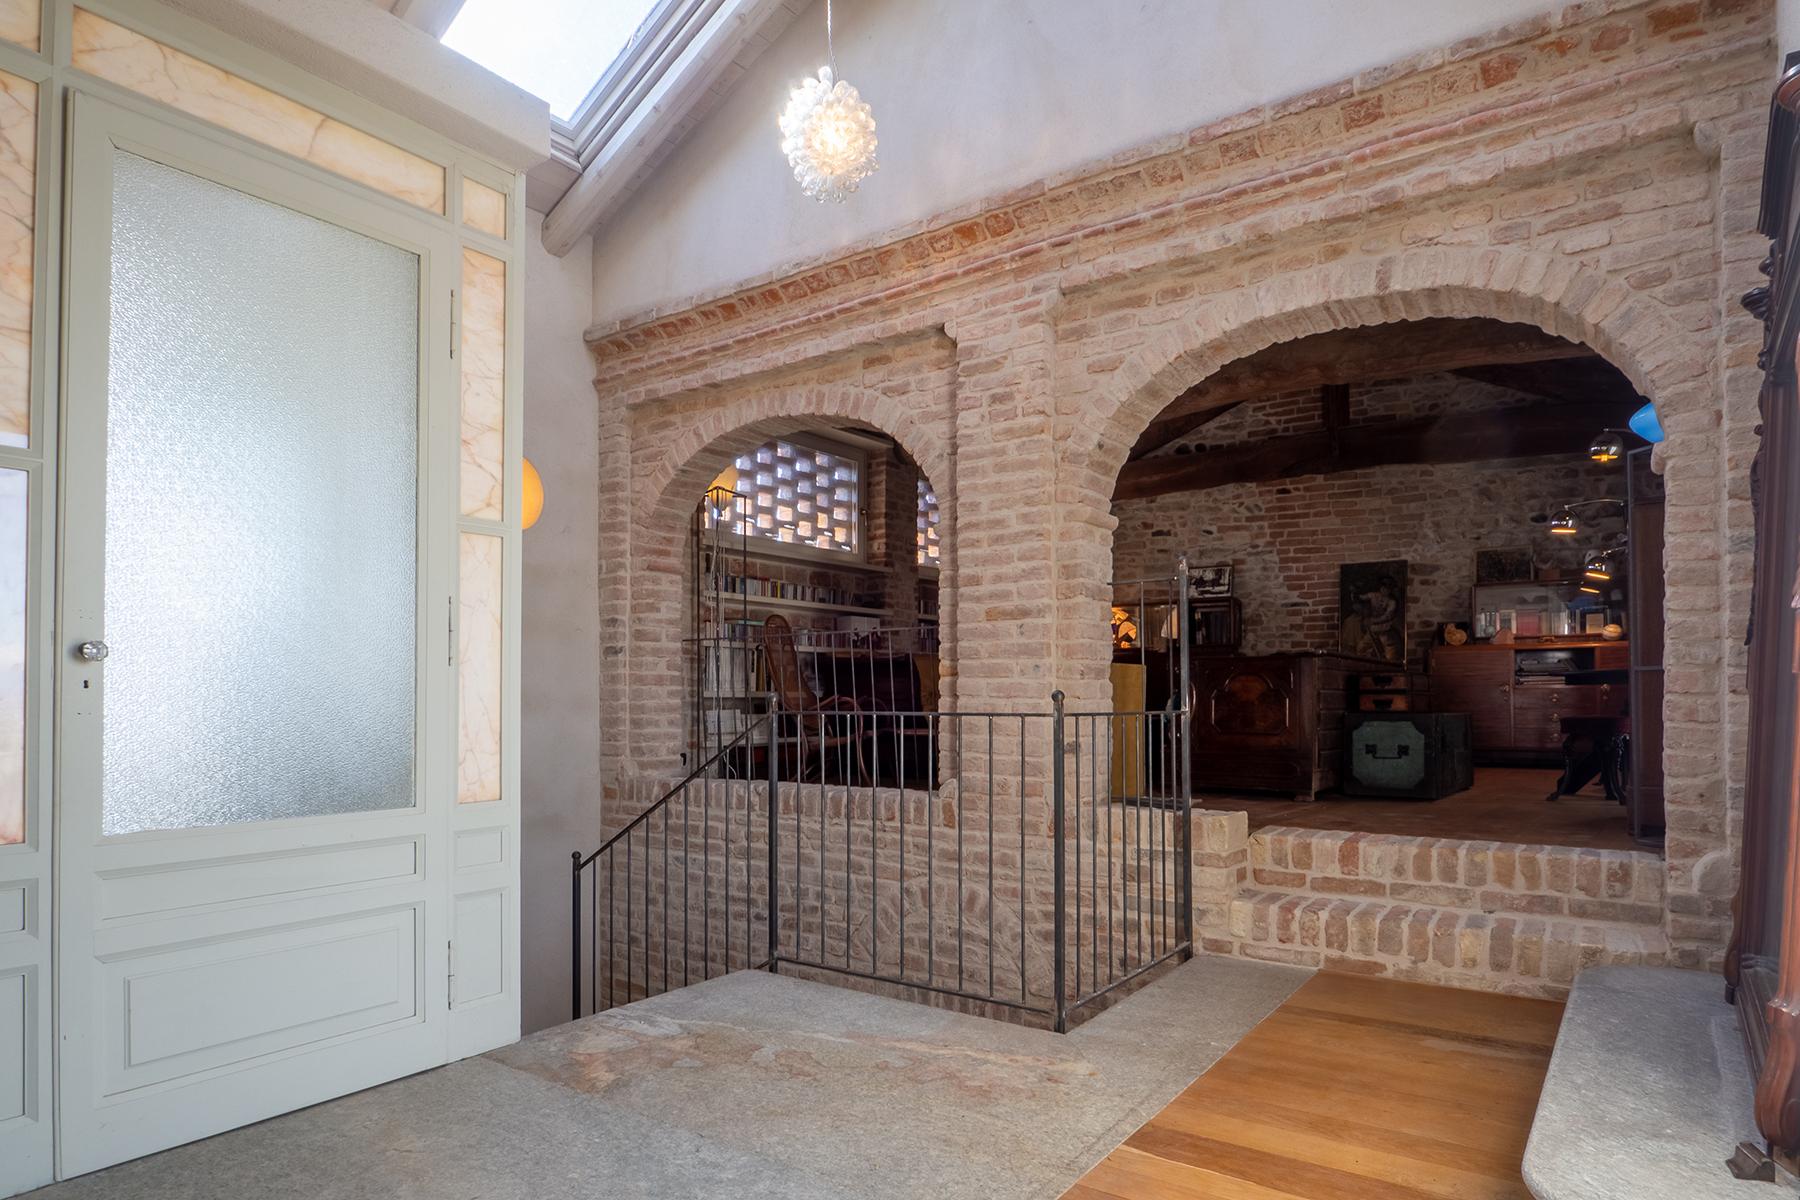 Casa indipendente in Vendita a Moncestino: 5 locali, 300 mq - Foto 19